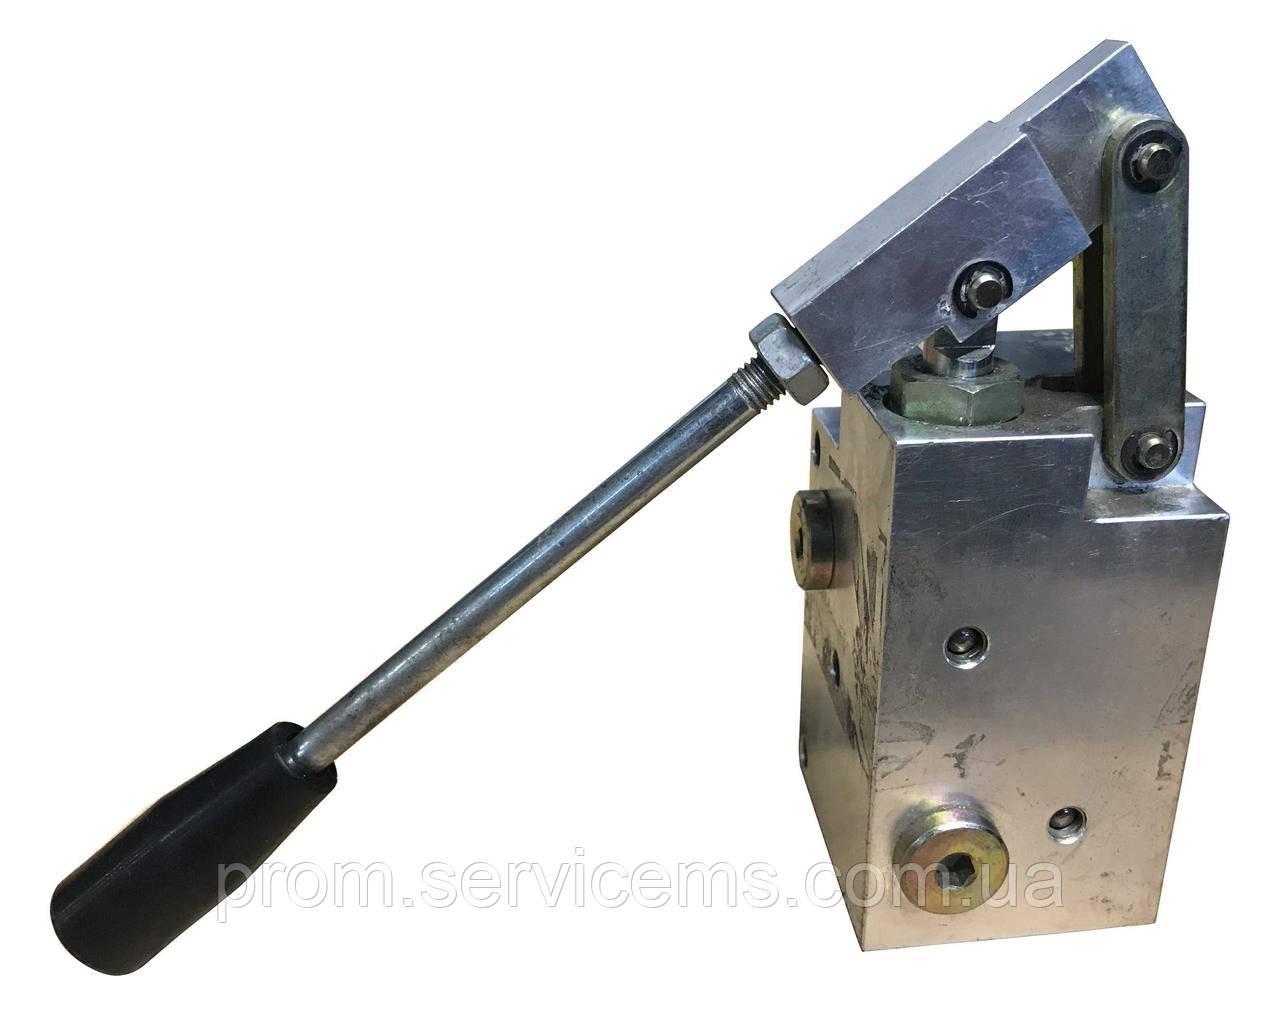 Насос ручной гидравлический A11 3/8 аллюминиевый корпус